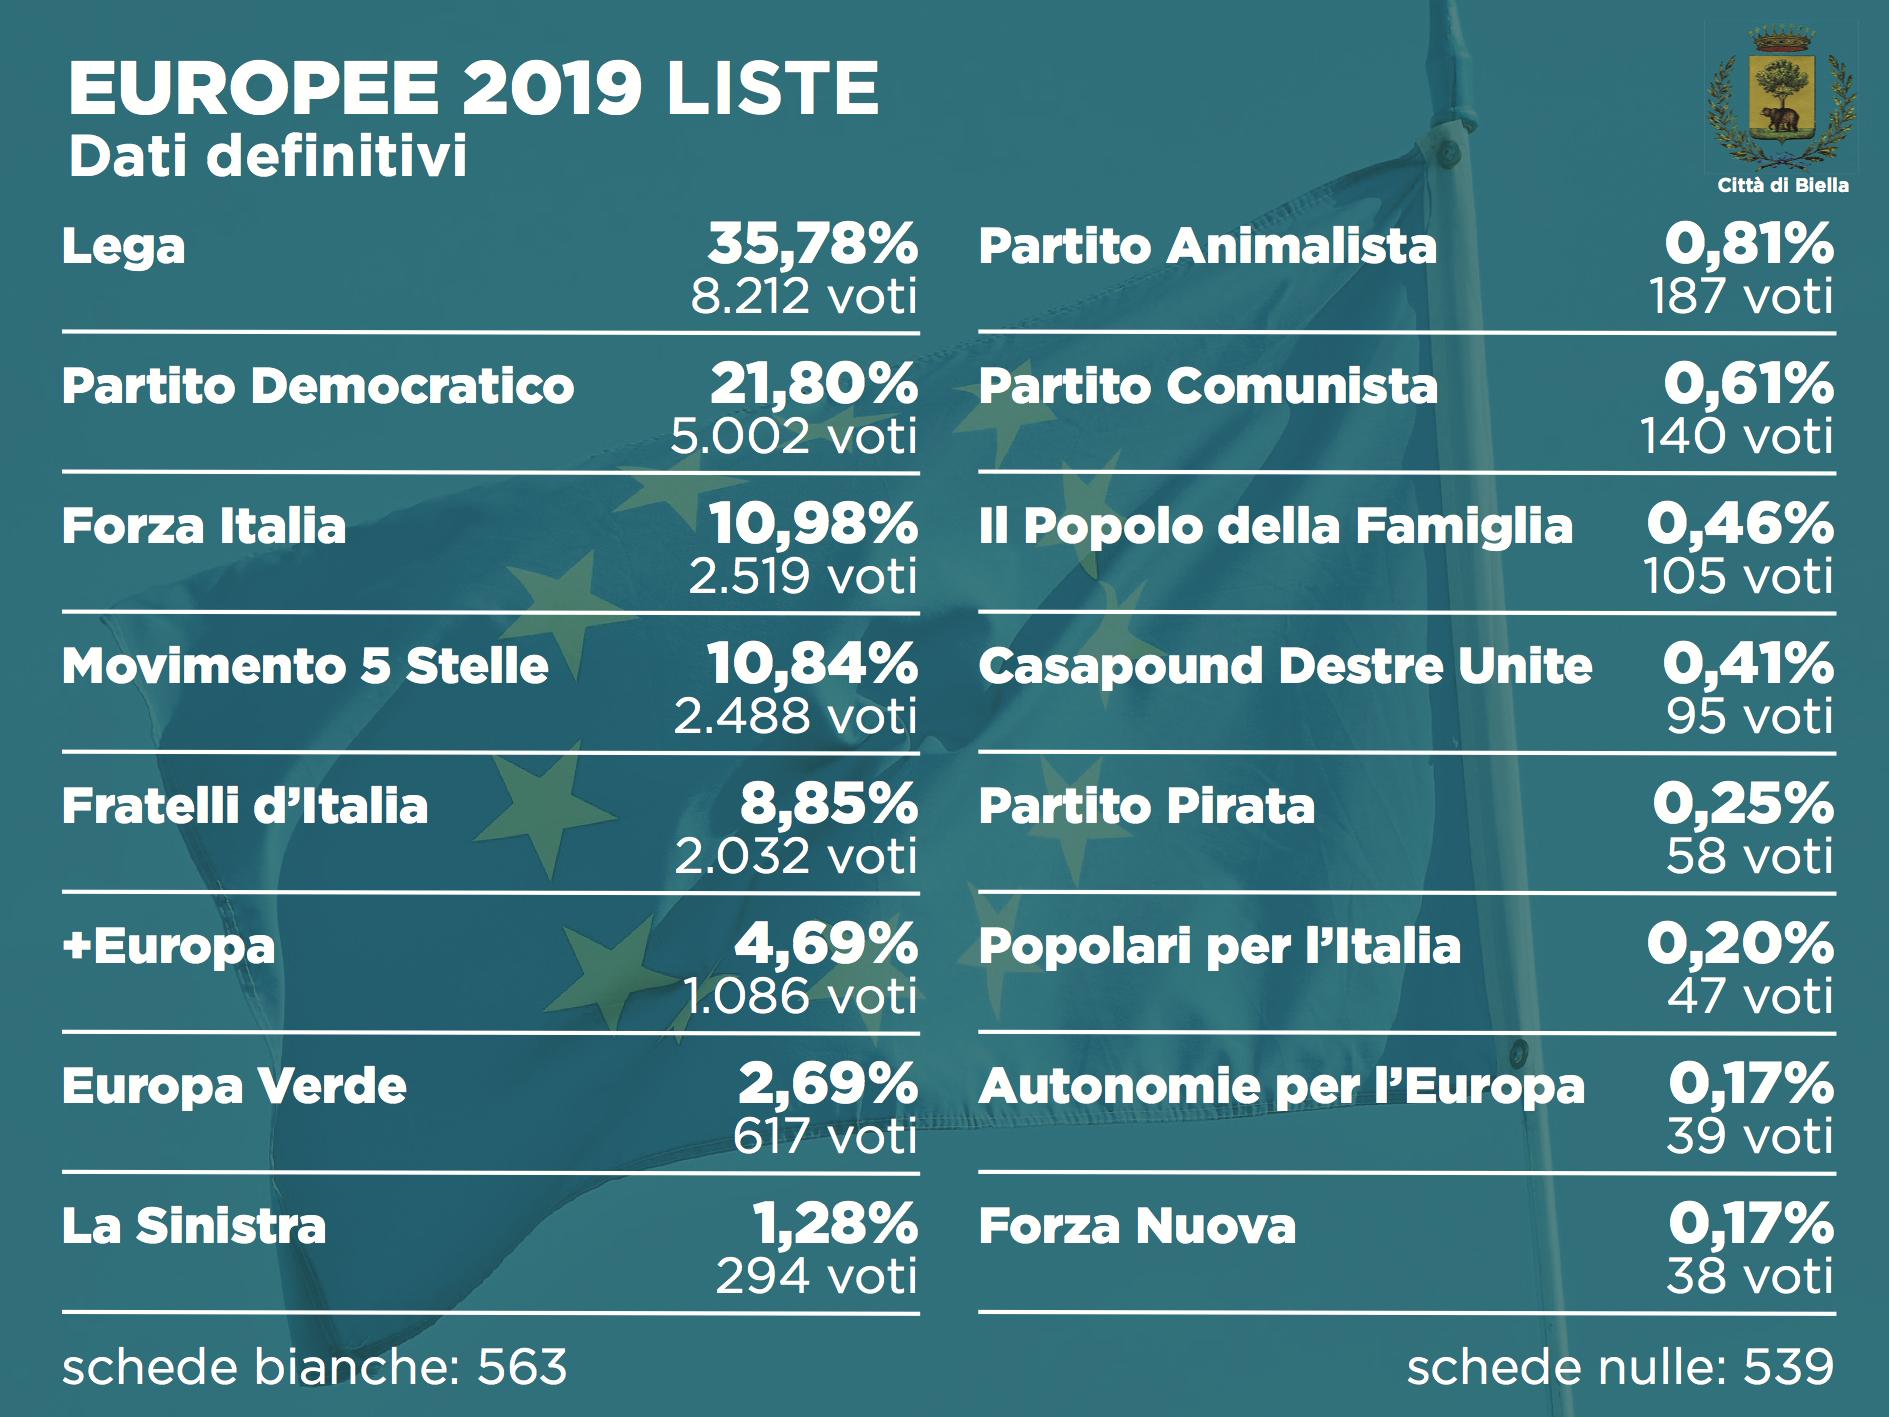 Elezioni 2019, i risultati definitivi alle europee